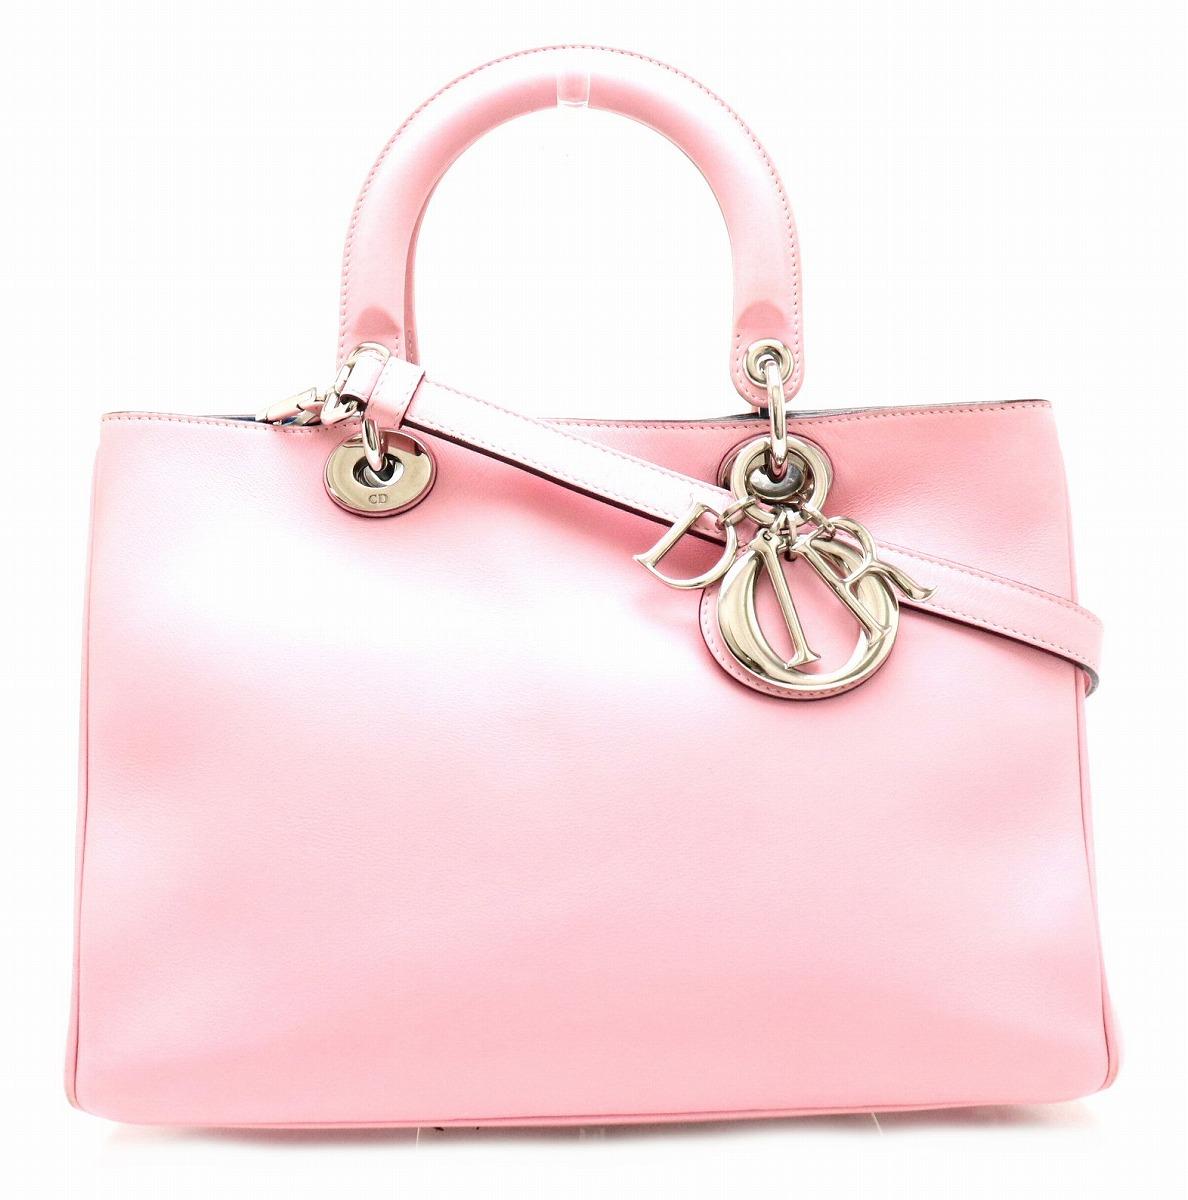 【バッグ】Christian Dior クリスチャン ディオール ディオリッシモ 2WAYバッグ ハンドバッグ ショルダーバッグ レザー ピンク ブルー 青 シルバー金具 【中古】【k】